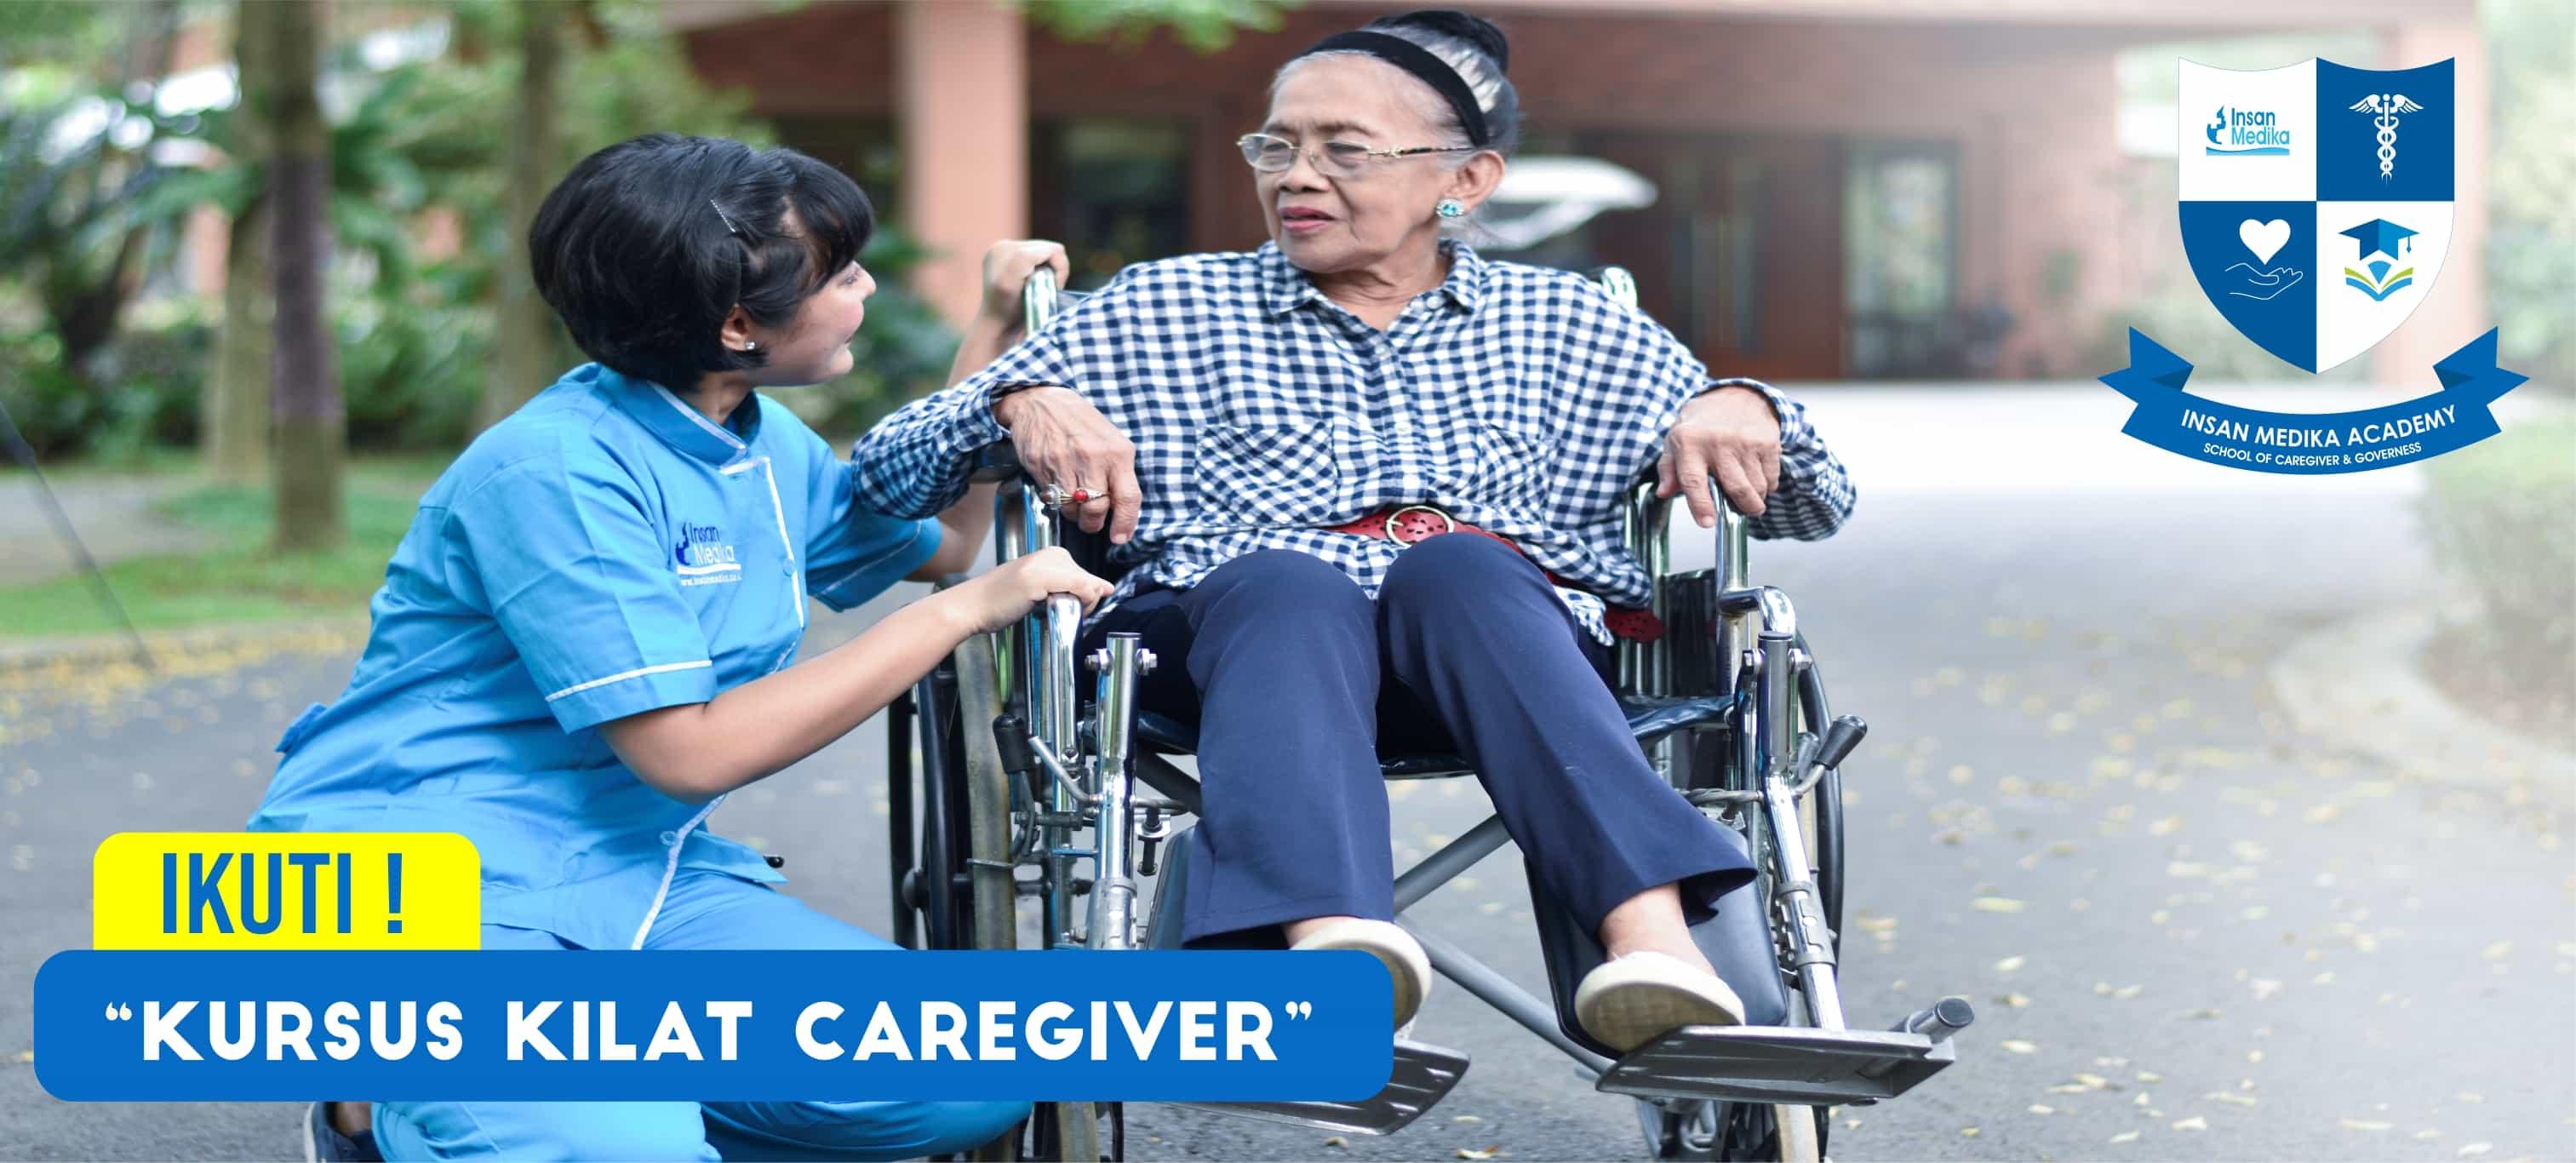 caregiver terbaik, sekolah terbaik, sekolah caregiver terbaik, sekolah caregiver terbaik di indonesia